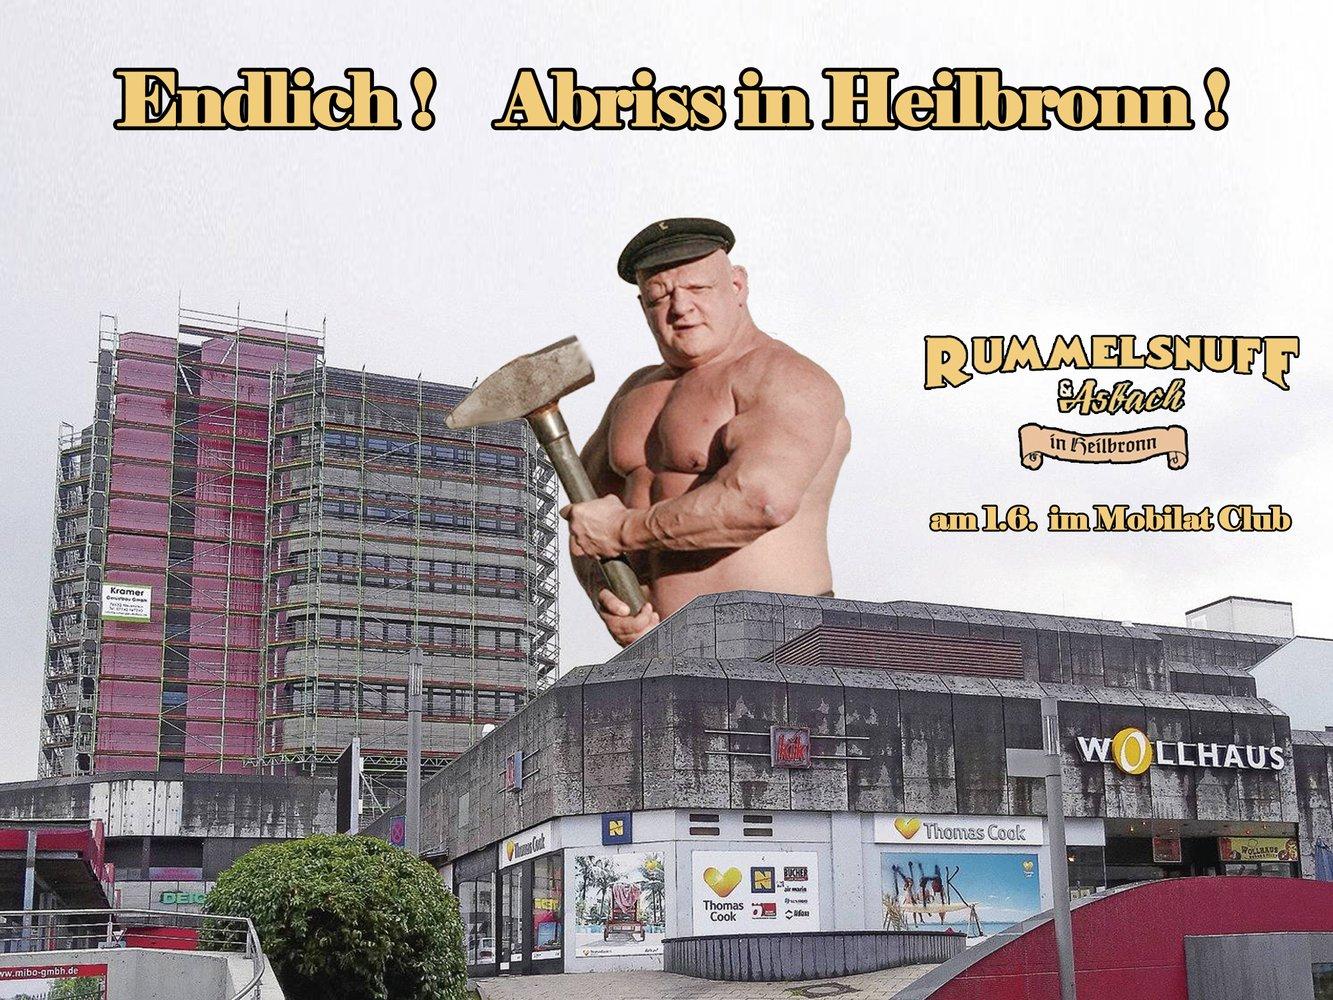 Rummelsnuff Abriss in Heilbronn